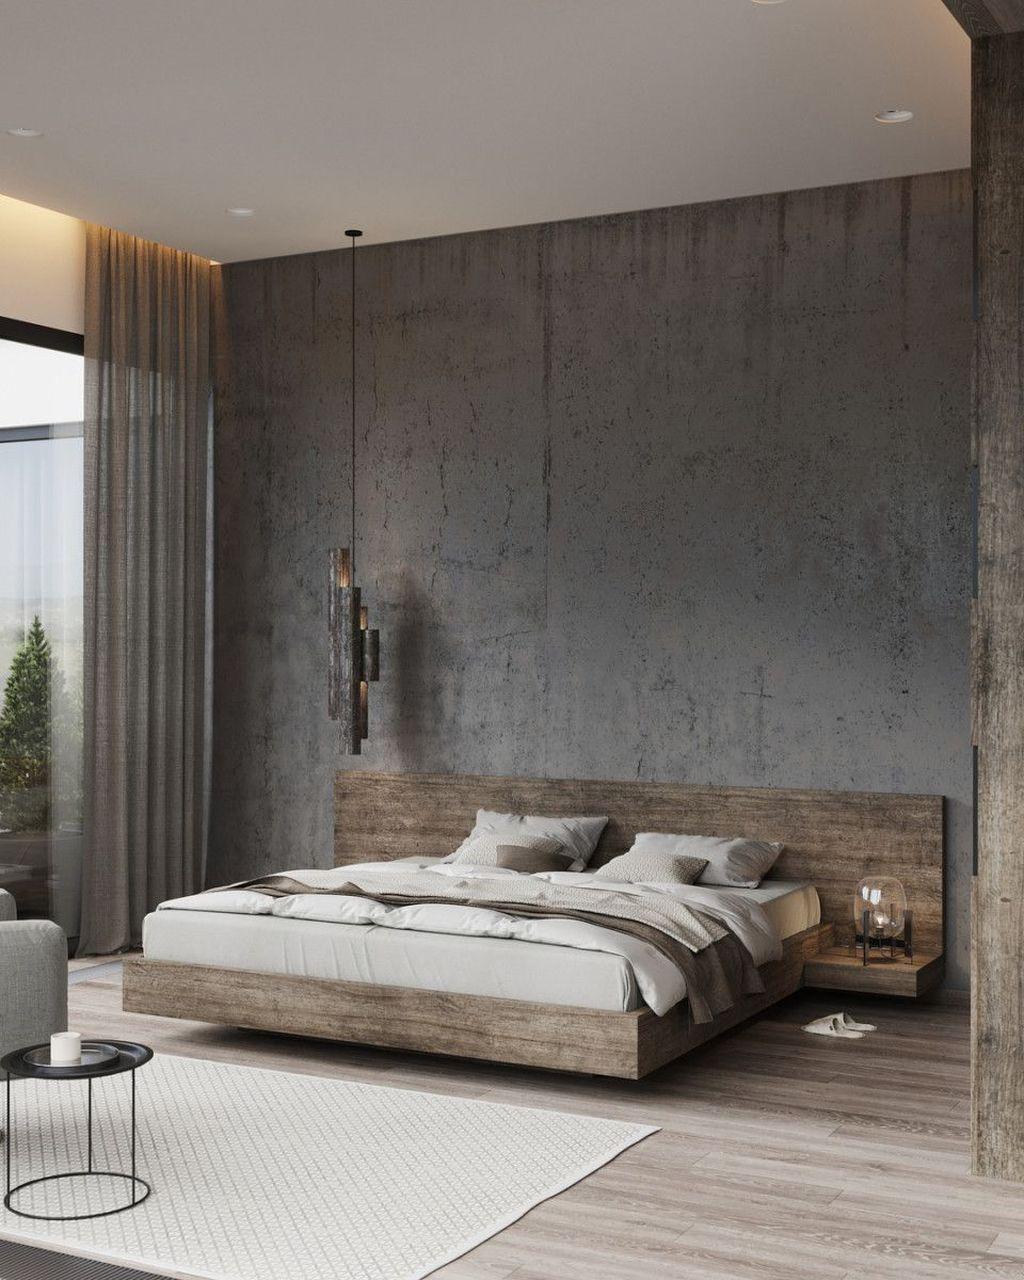 35 Unique Bedroom Decorating Ideas – HOMYFEED